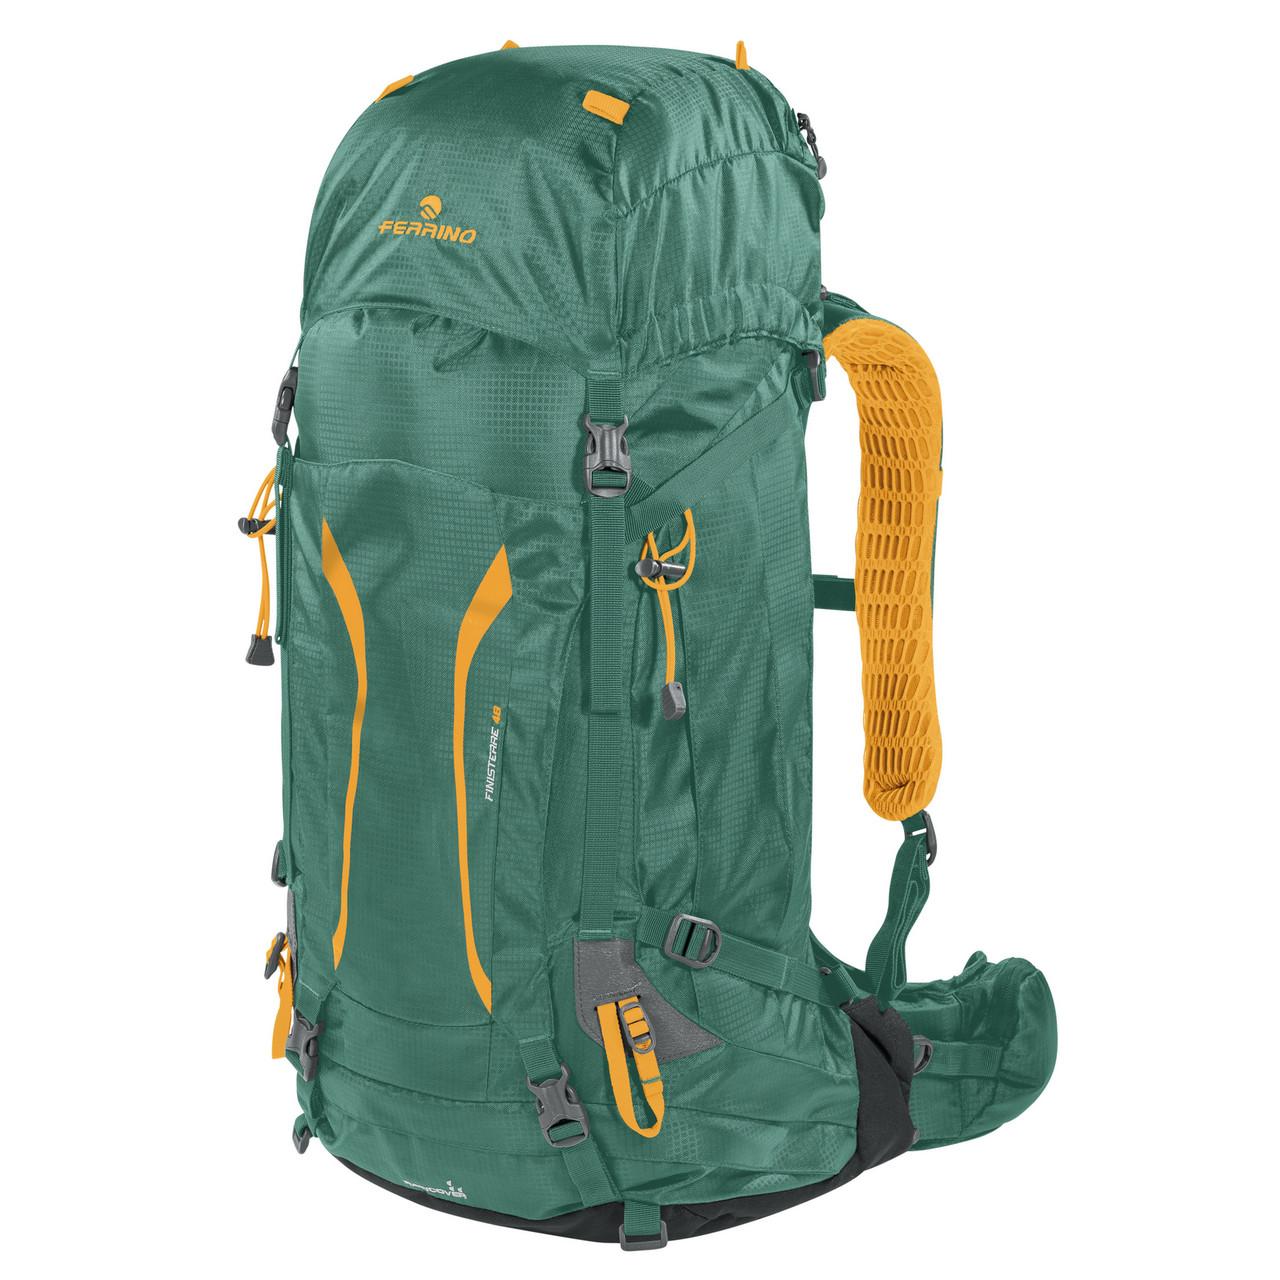 Рюкзак туристический Ferrino Finisterre Recco 48 Green